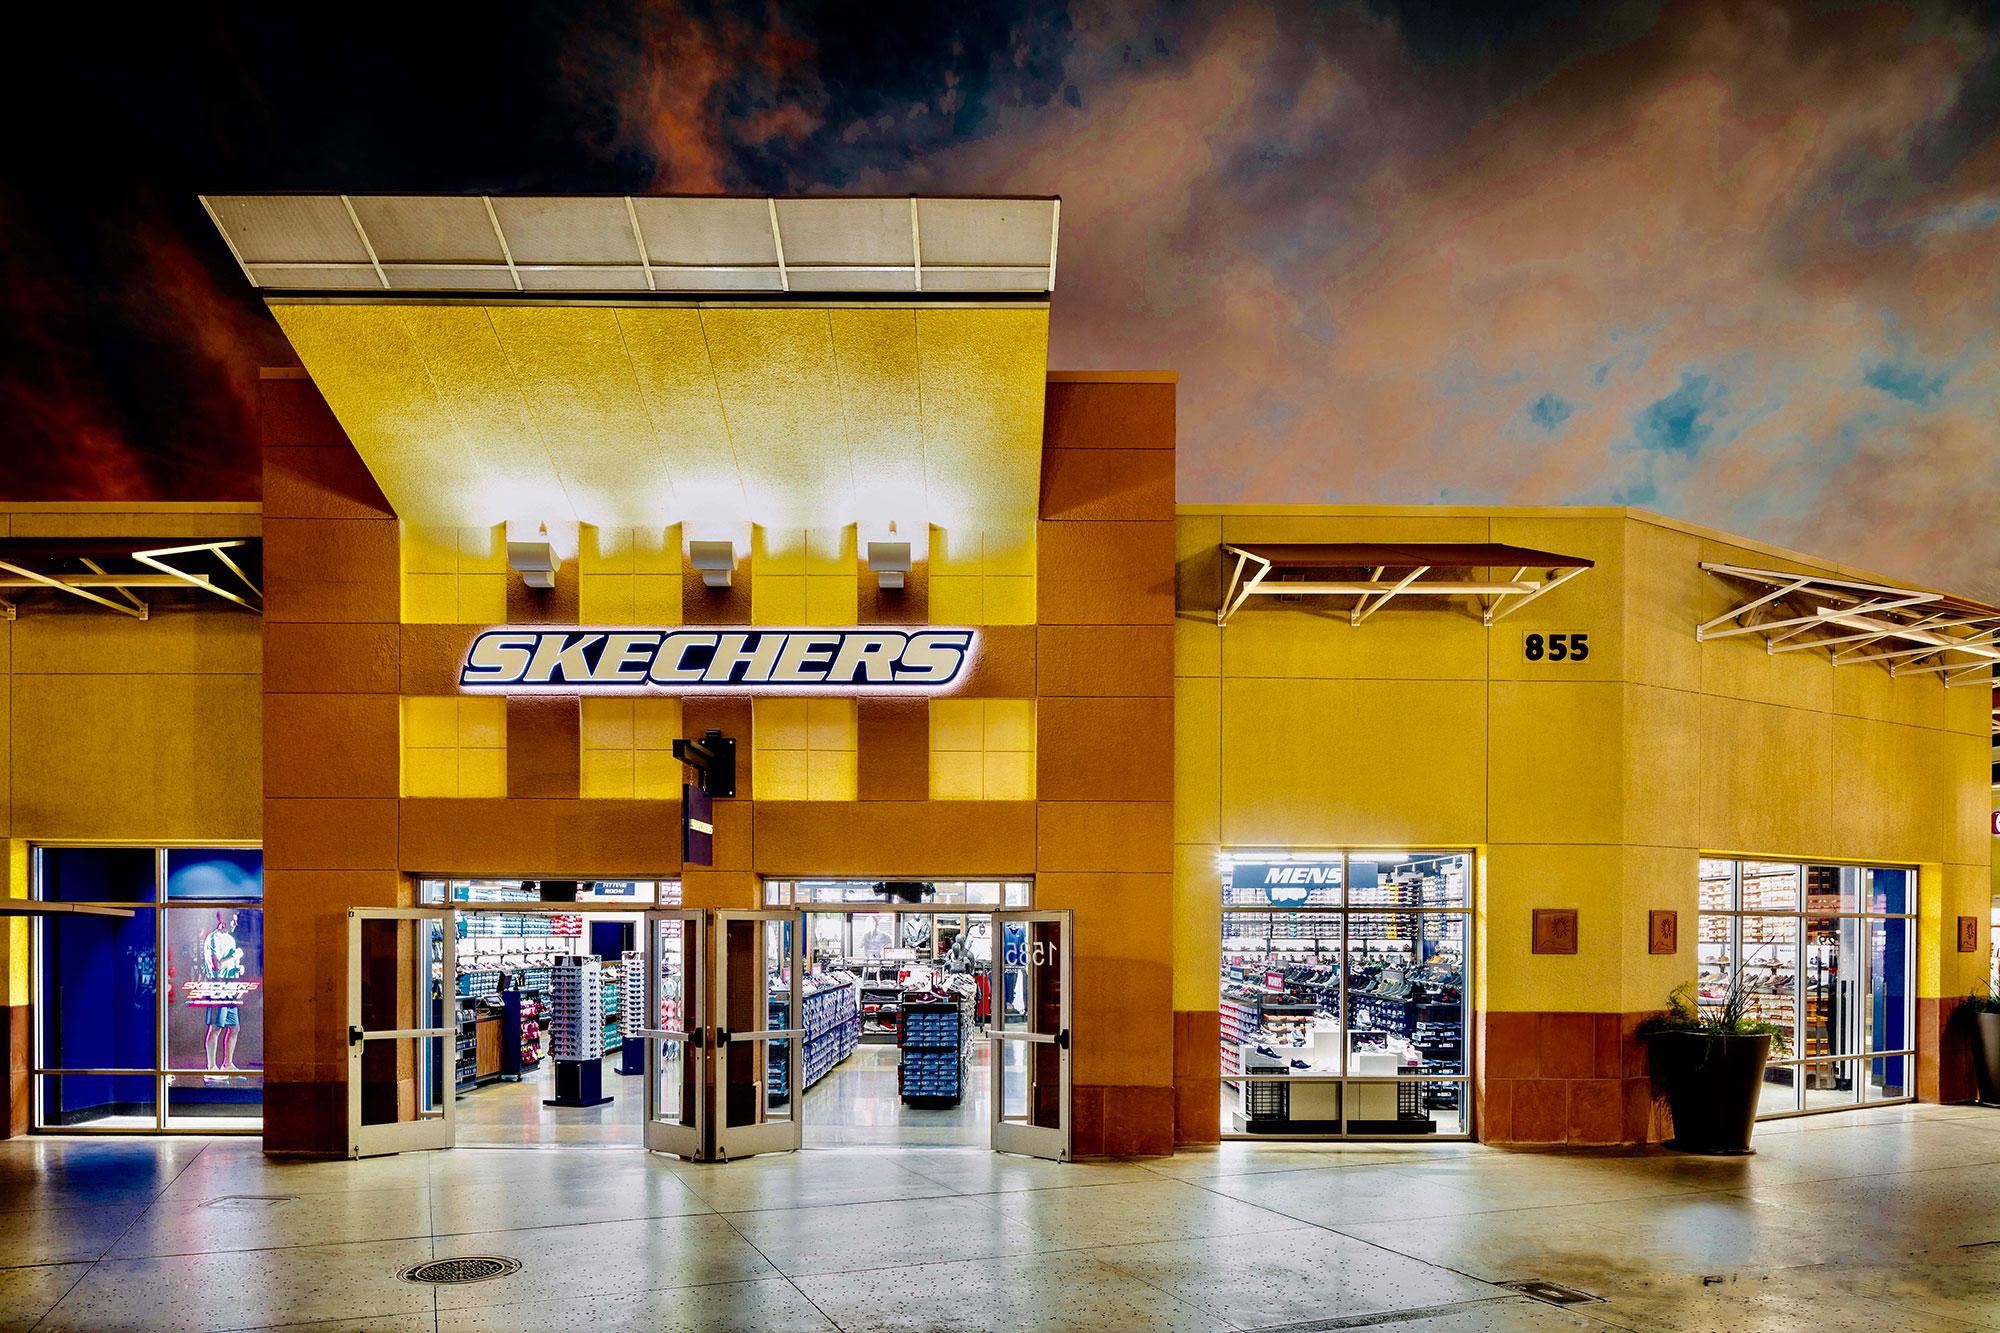 nearest skechers store to me